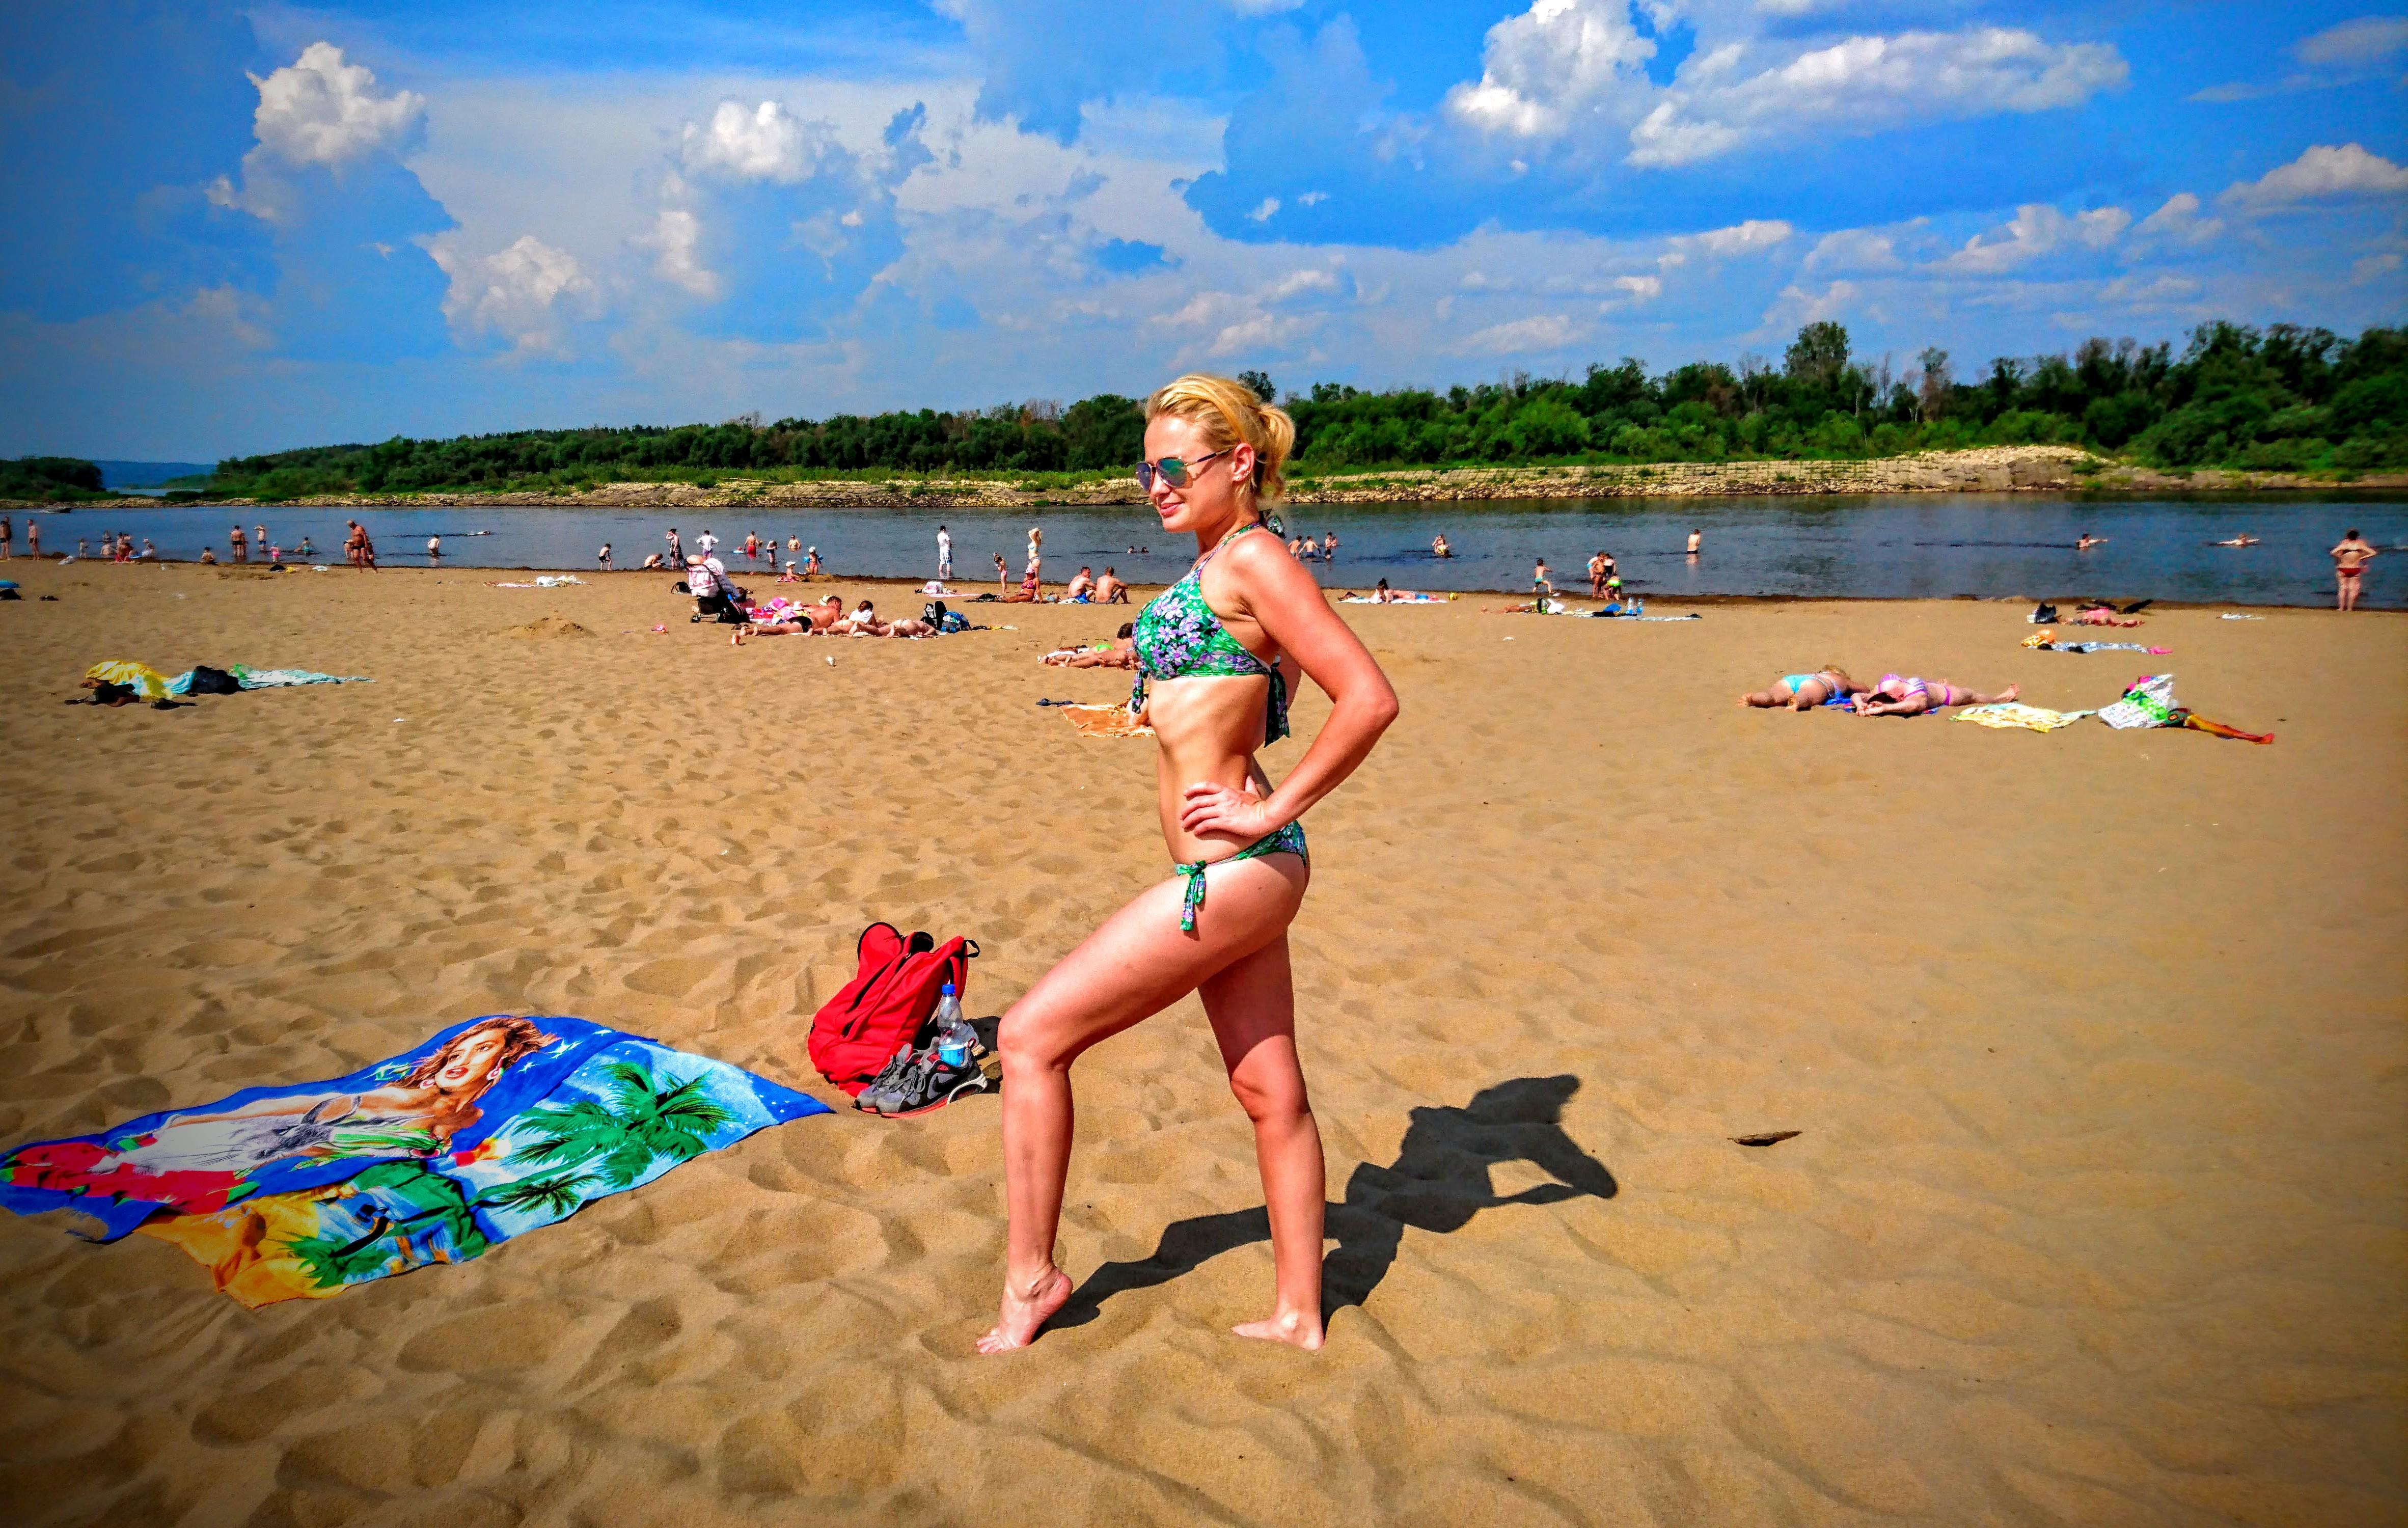 Фото сыктывкарских девушек, Голый Сыктывкарфотографий ВКонтакте 18 фотография